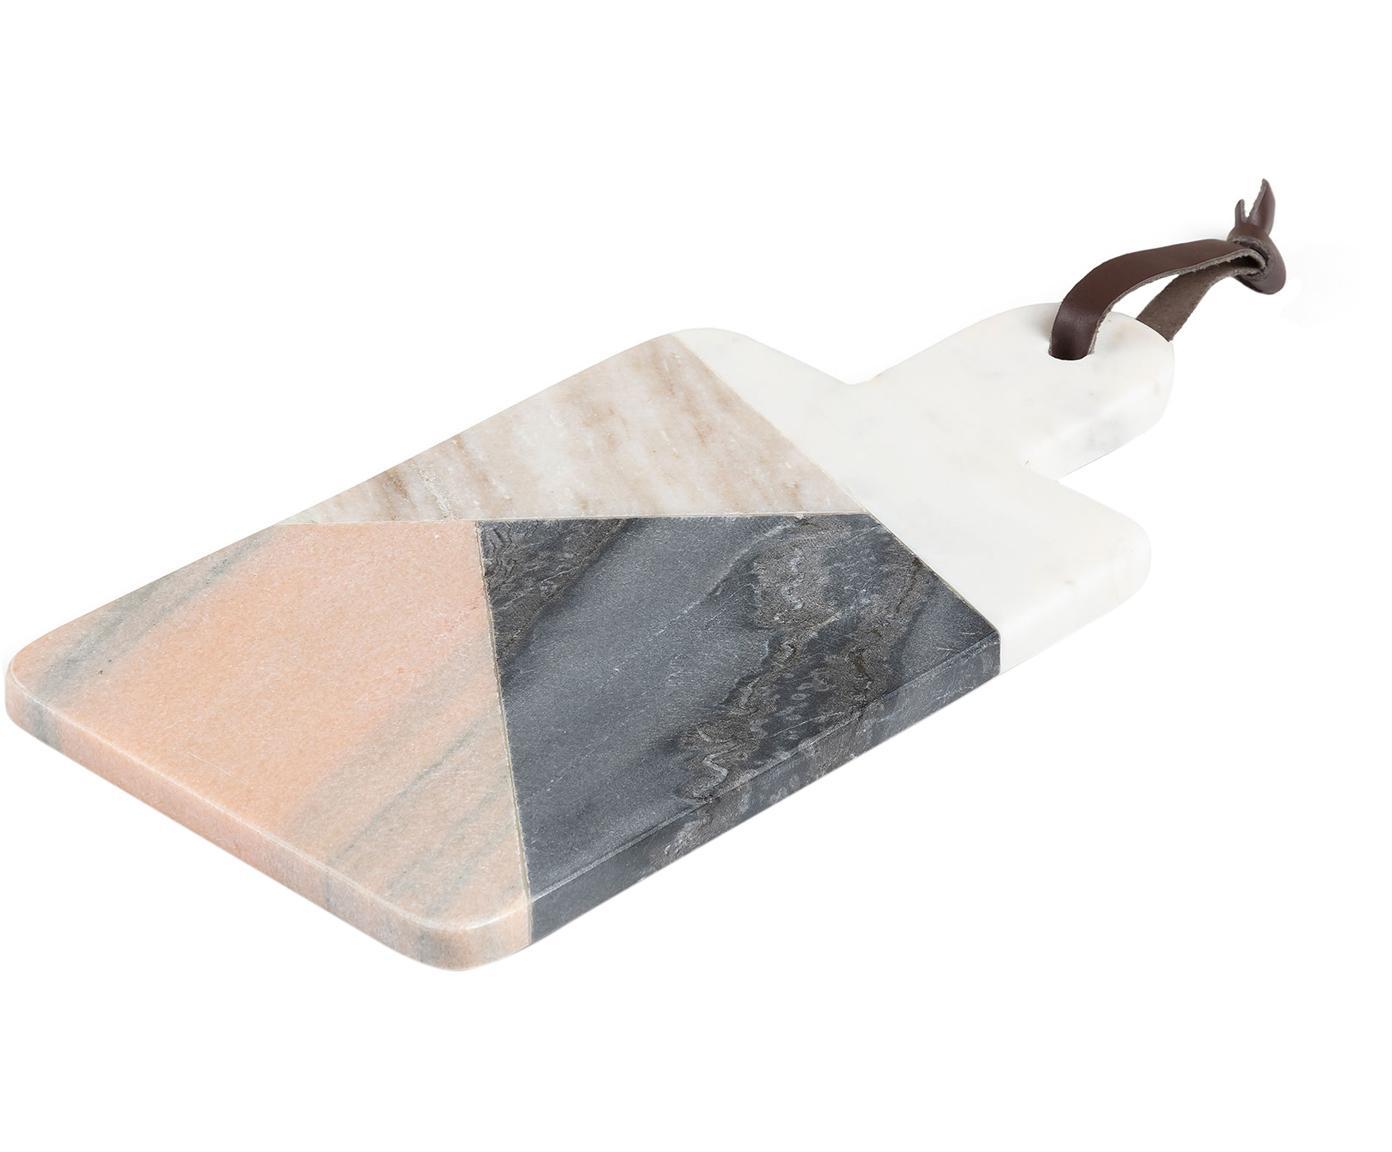 Tagliere in marmo Bradney, Ceramica, marmo, similpelle, Multicolore, Larg. 15 x Prof. 30 cm